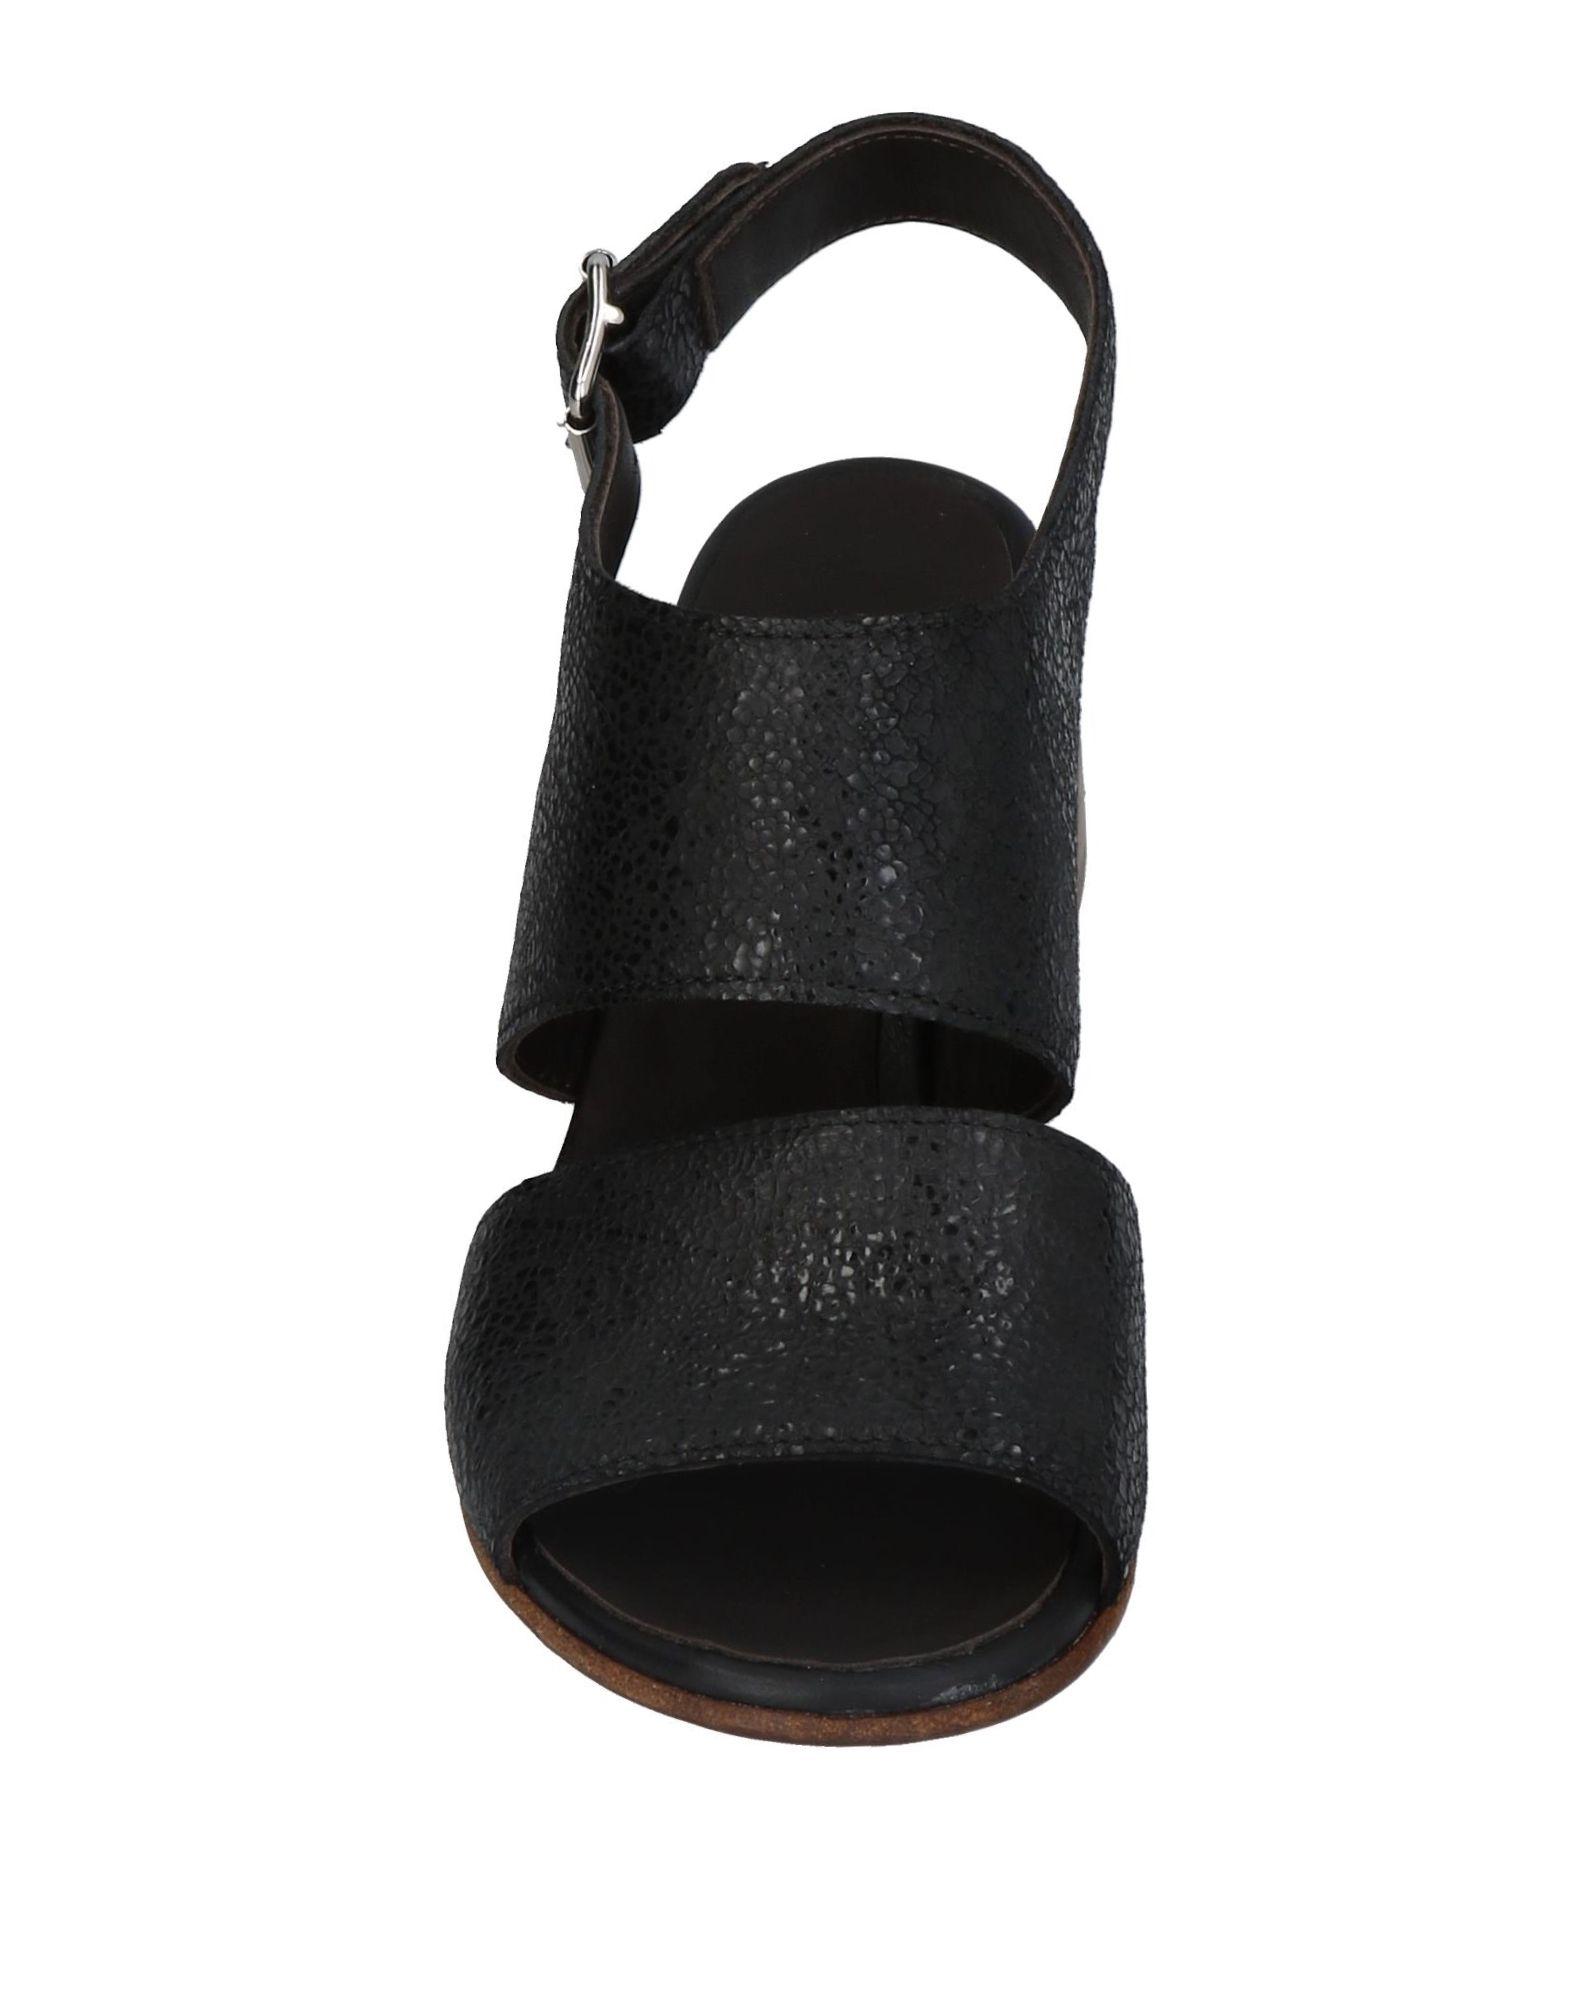 Moma Sandalen Damen  11420199RKGut Schuhe aussehende strapazierfähige Schuhe 11420199RKGut 440a10